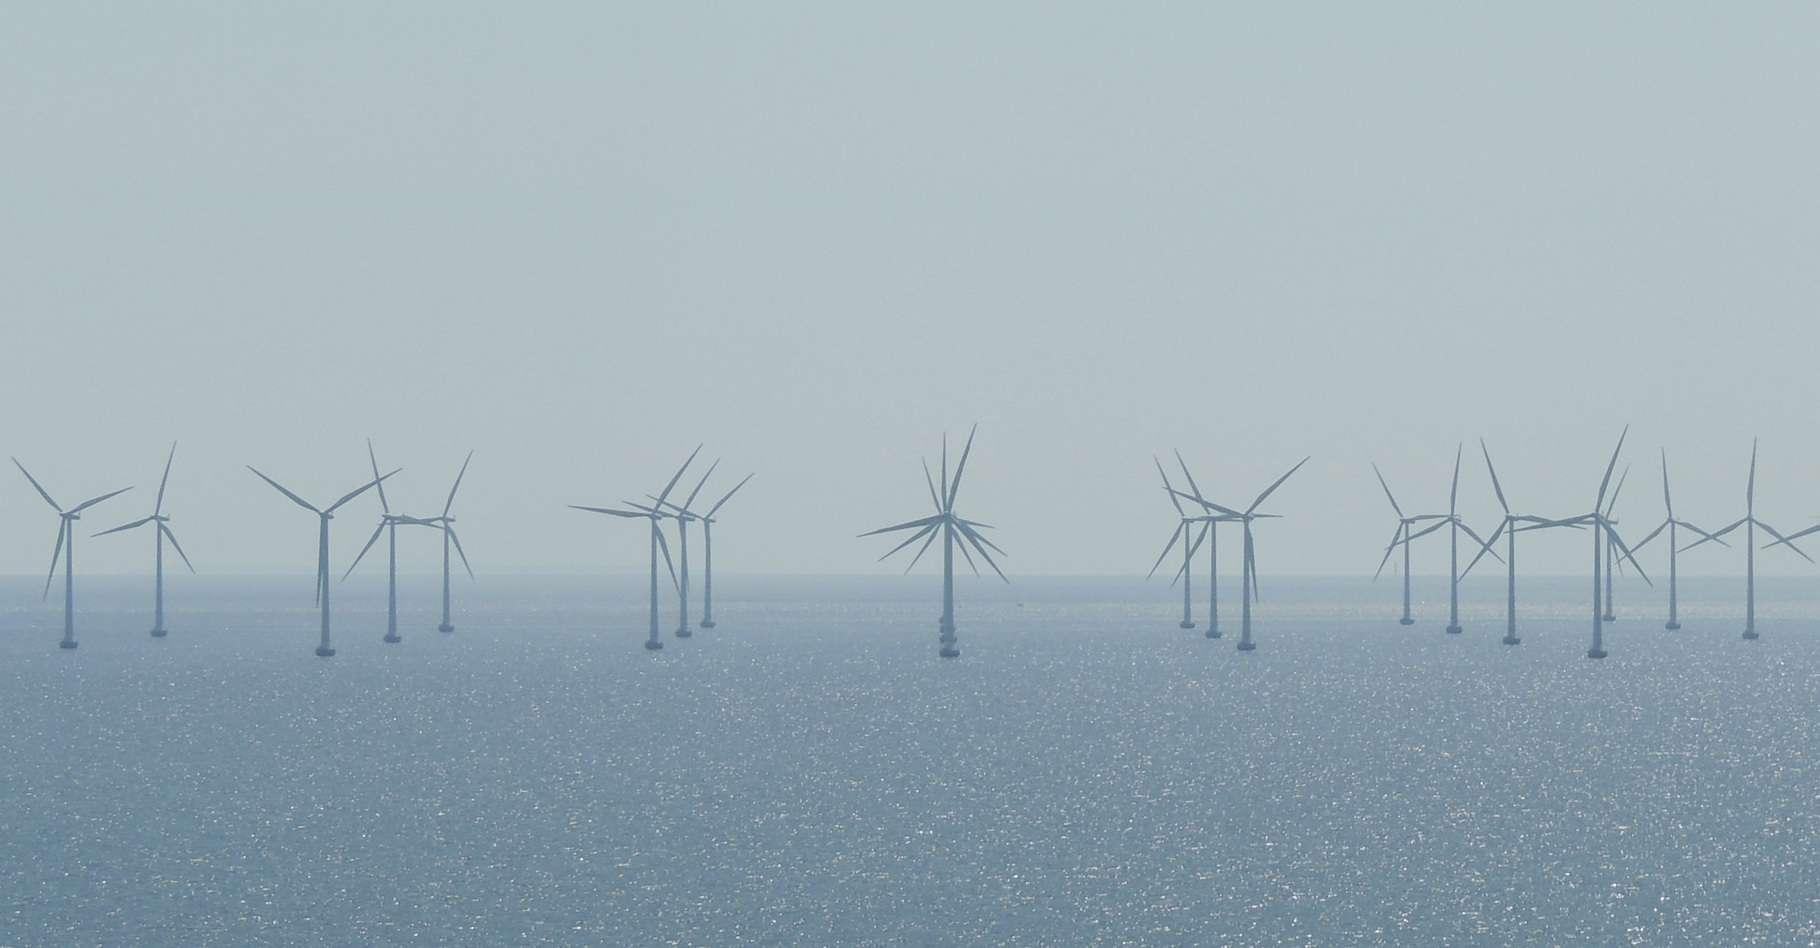 Pour la première fois de son histoire moderne, le Royaume-Uni a produit, au cours du 3e trimestre 2019, plus d'électricité renouvelable que d'électricité fossile. © fill, Pixabay License